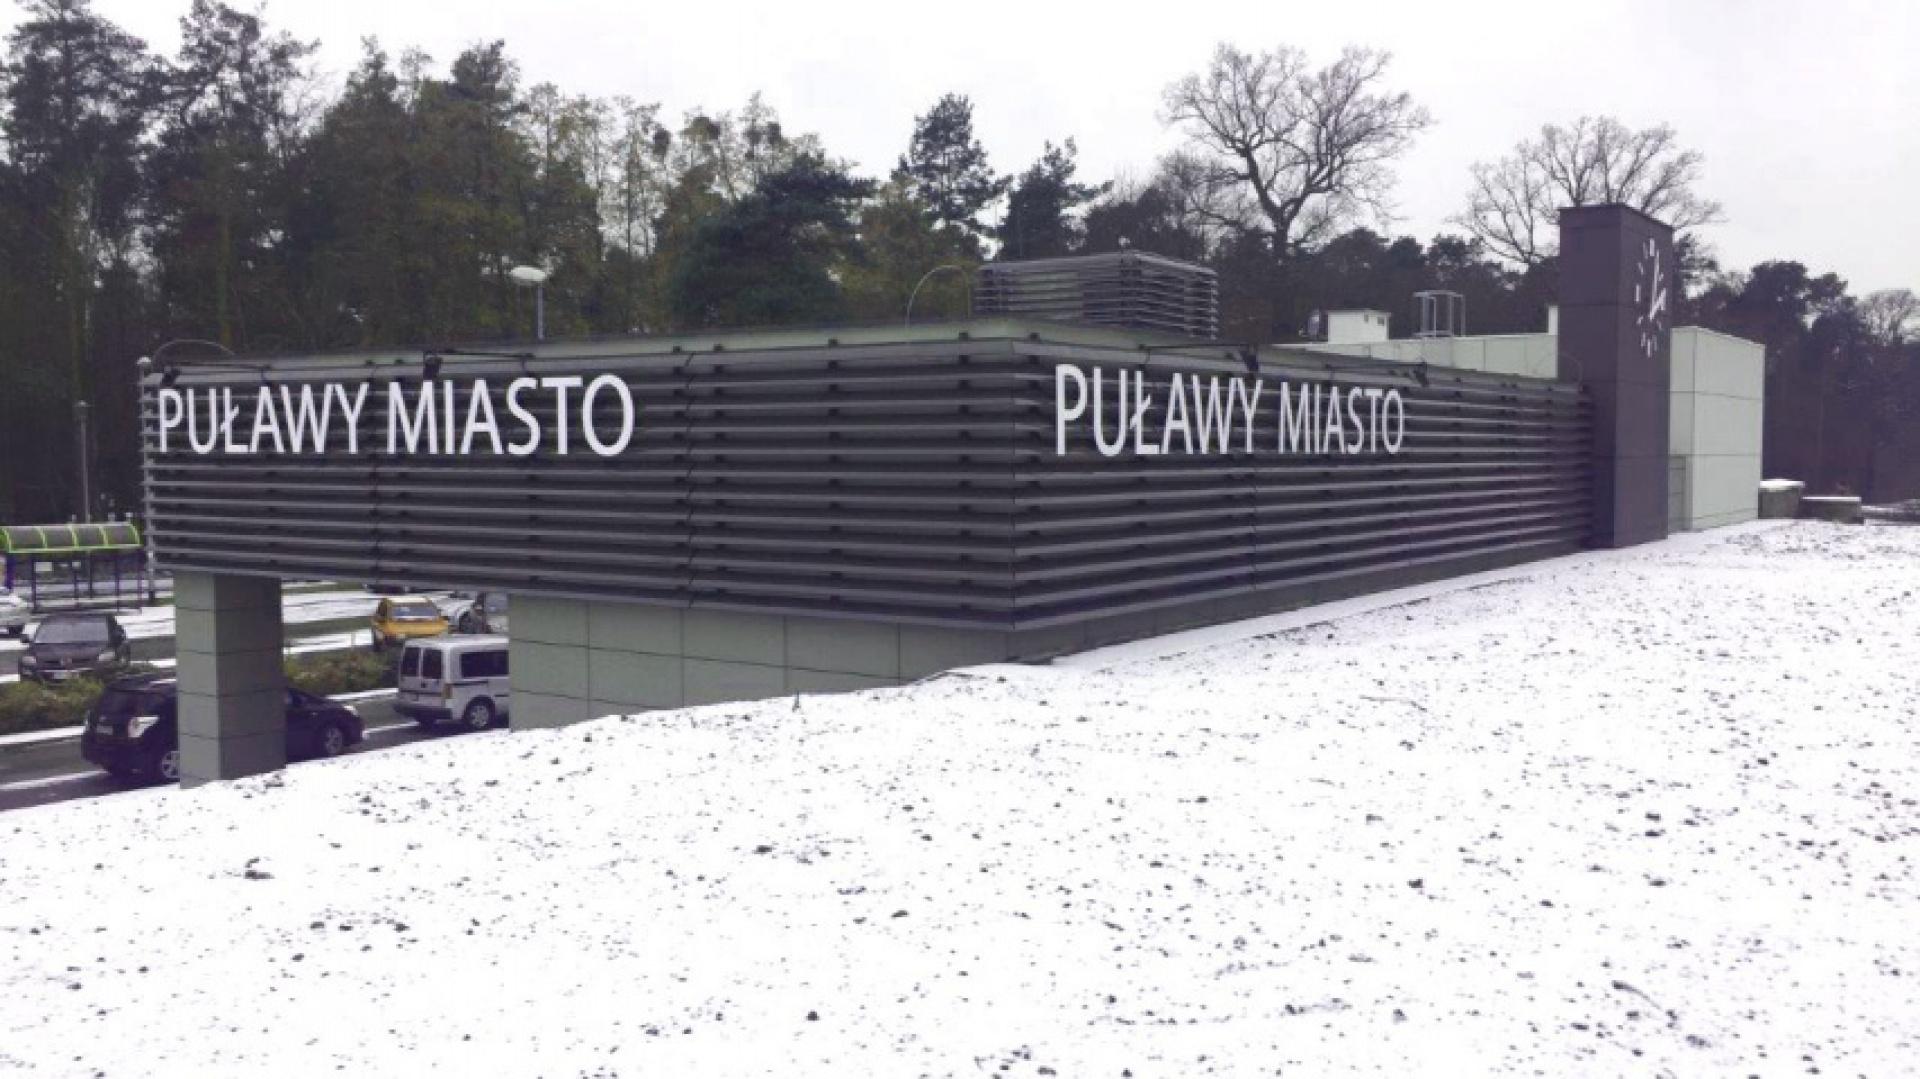 Dworzec Puławy Miasto fot. materiały prasowe PKP